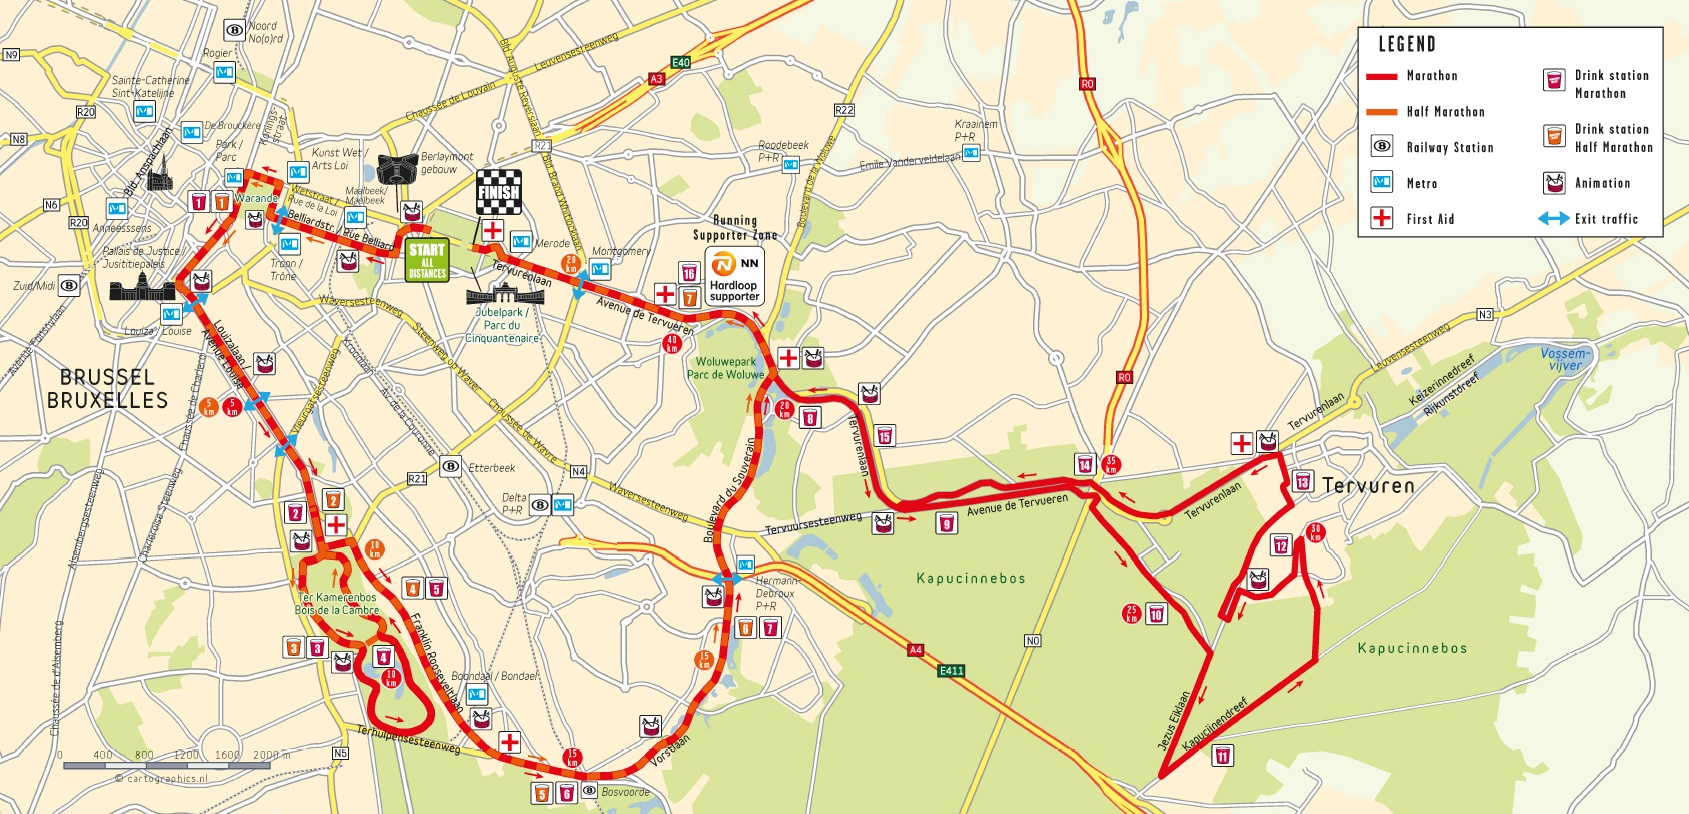 Parcours Marathon Bruxelles